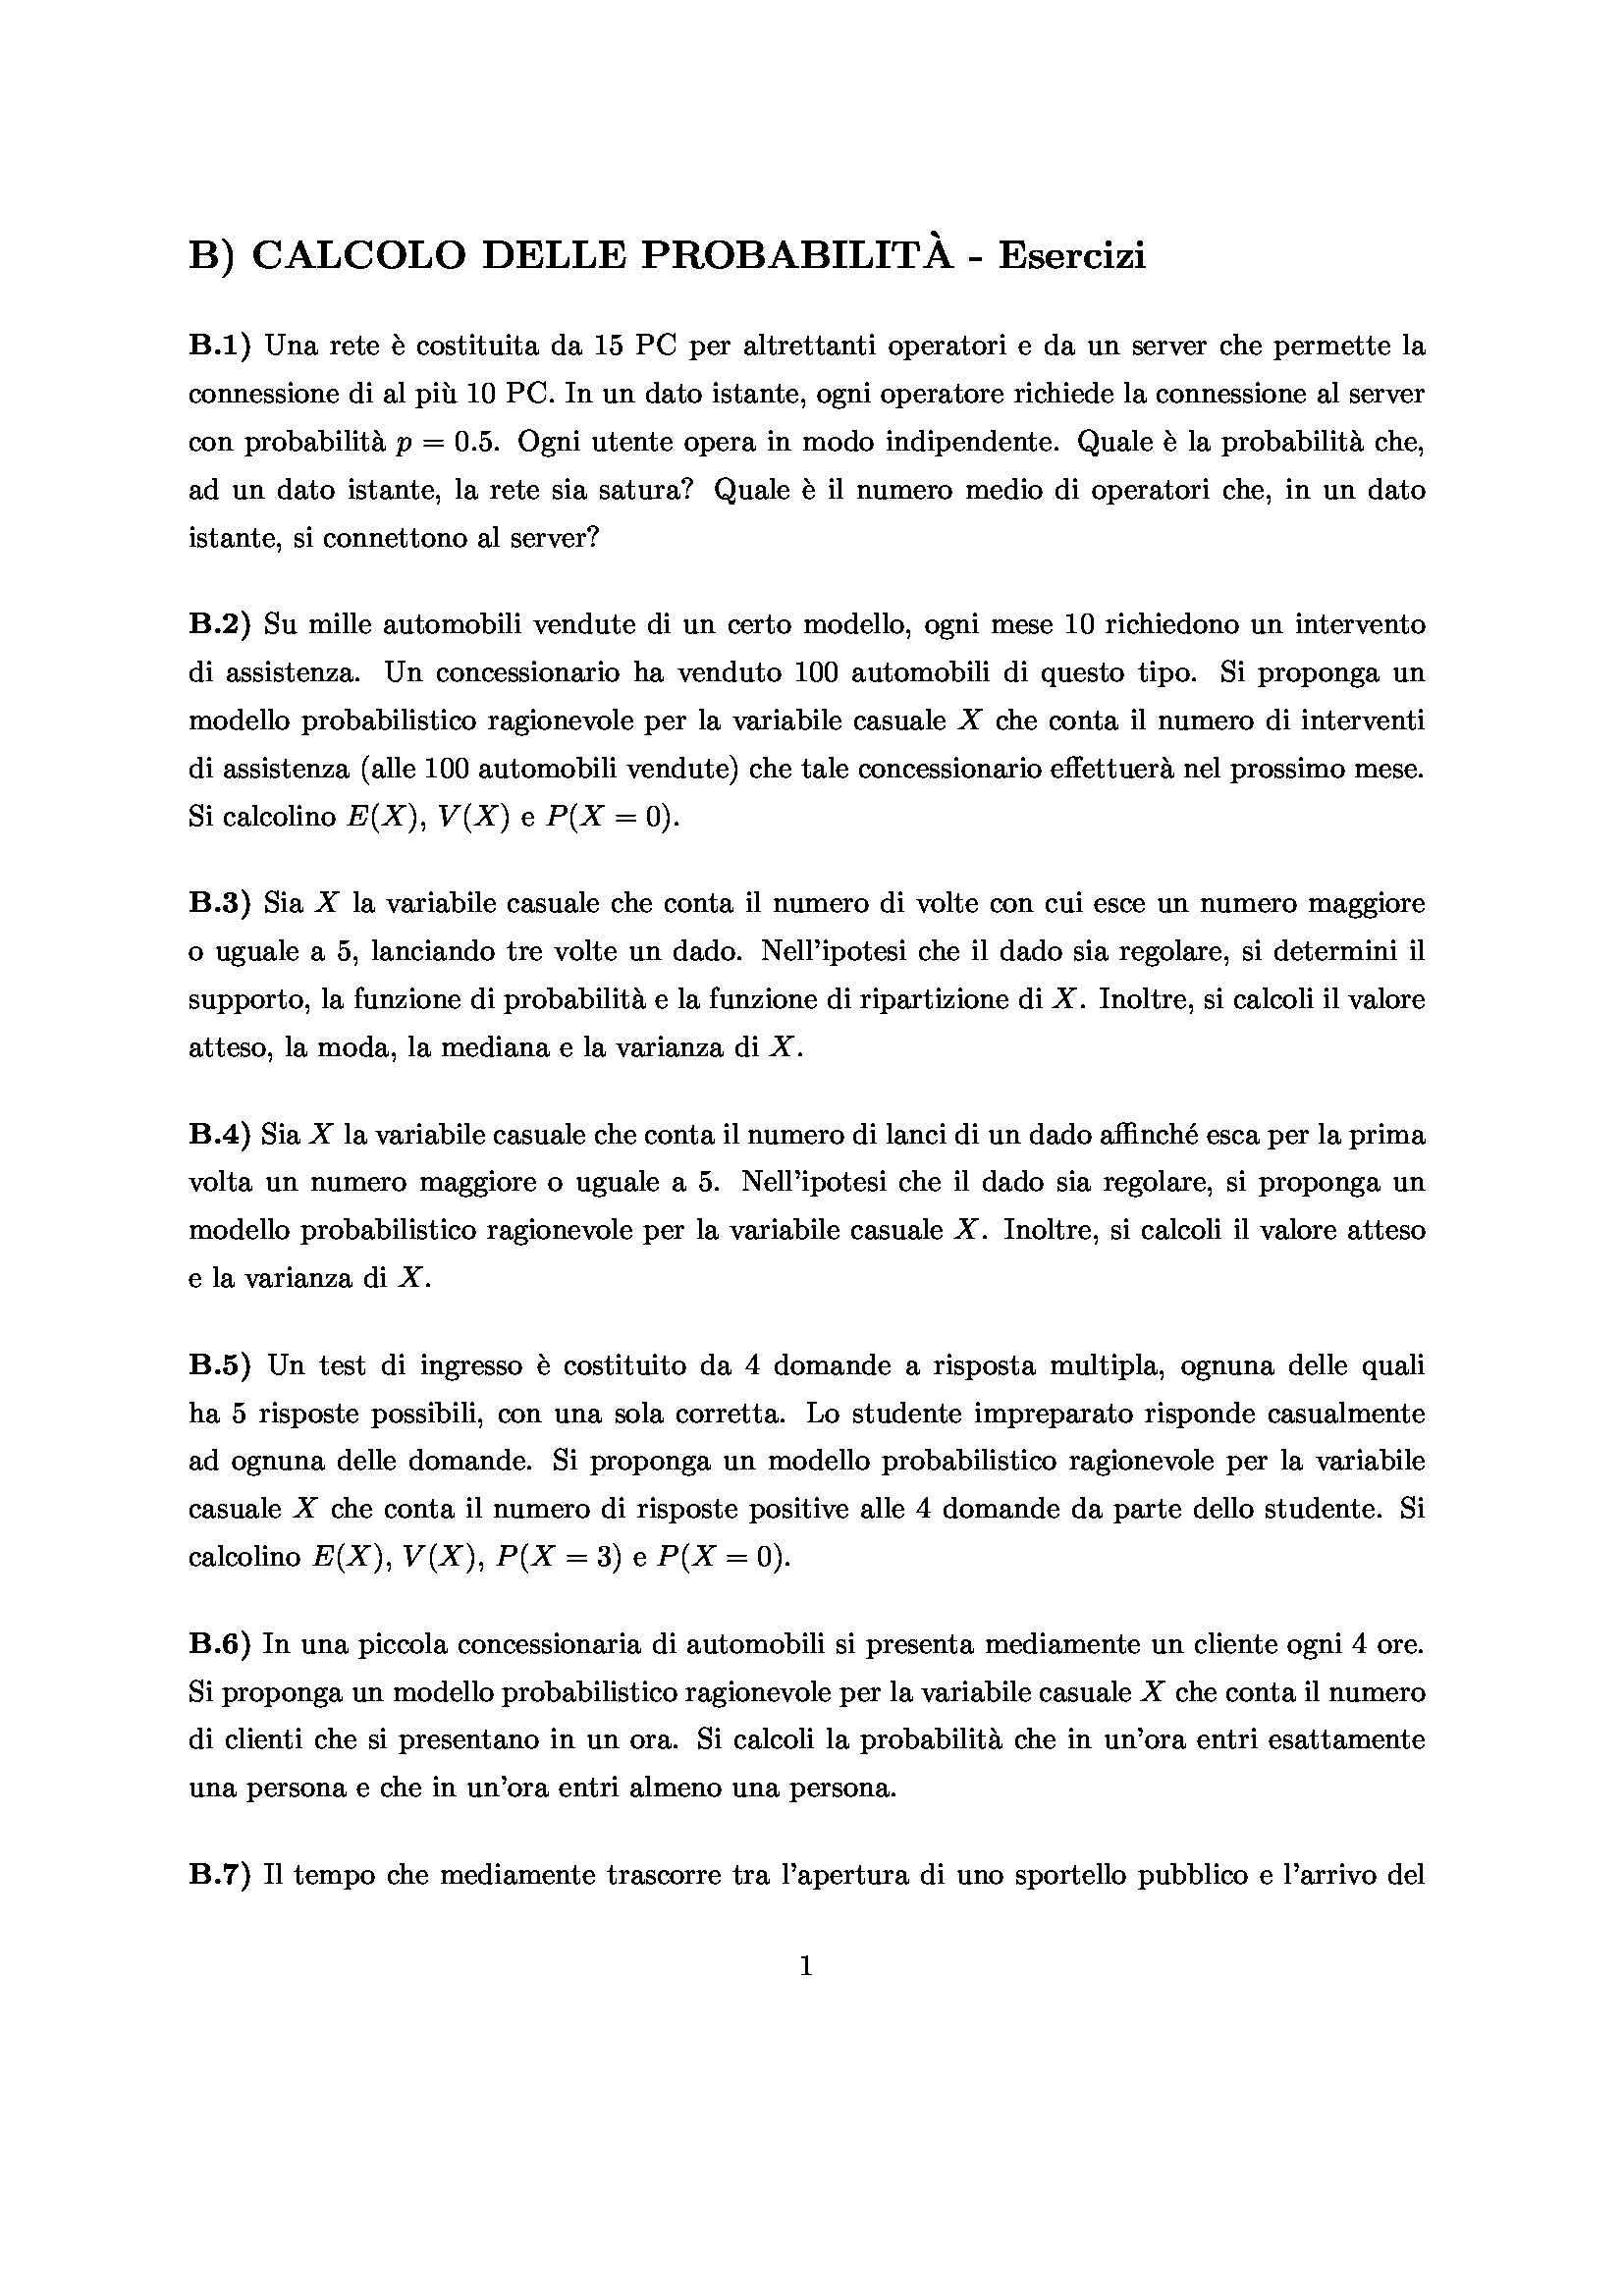 Statistica per la ricerca sperimentale - Calcolo delle probabilità